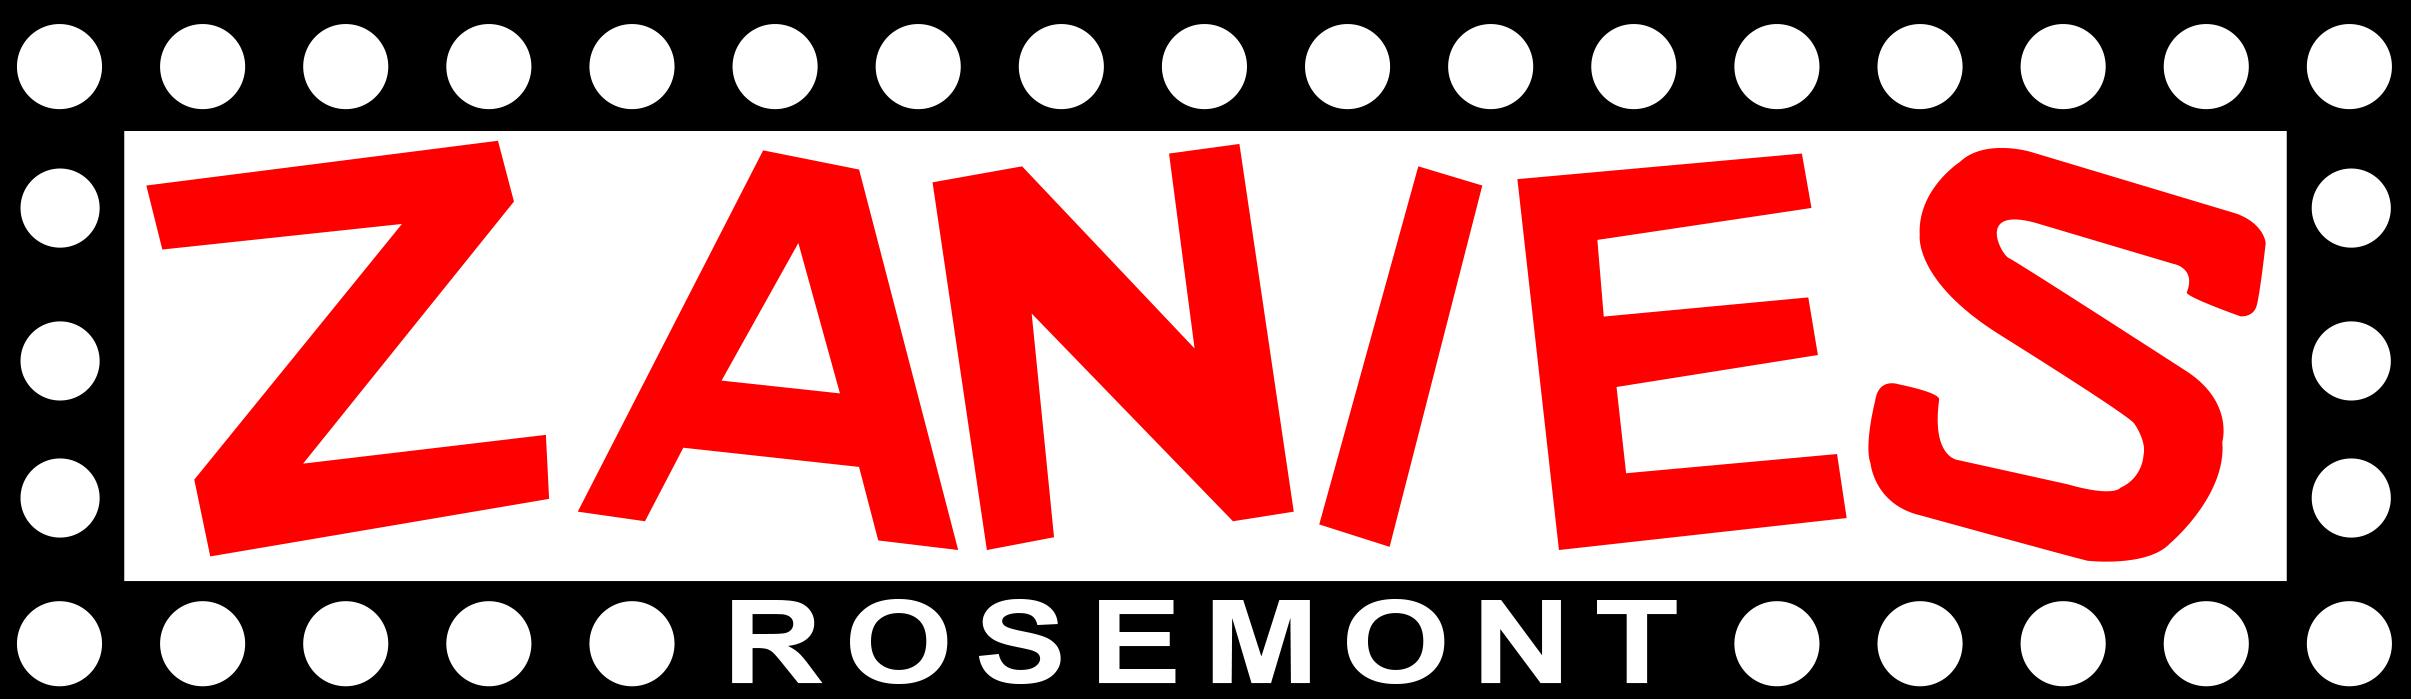 Zanies: Rosemont